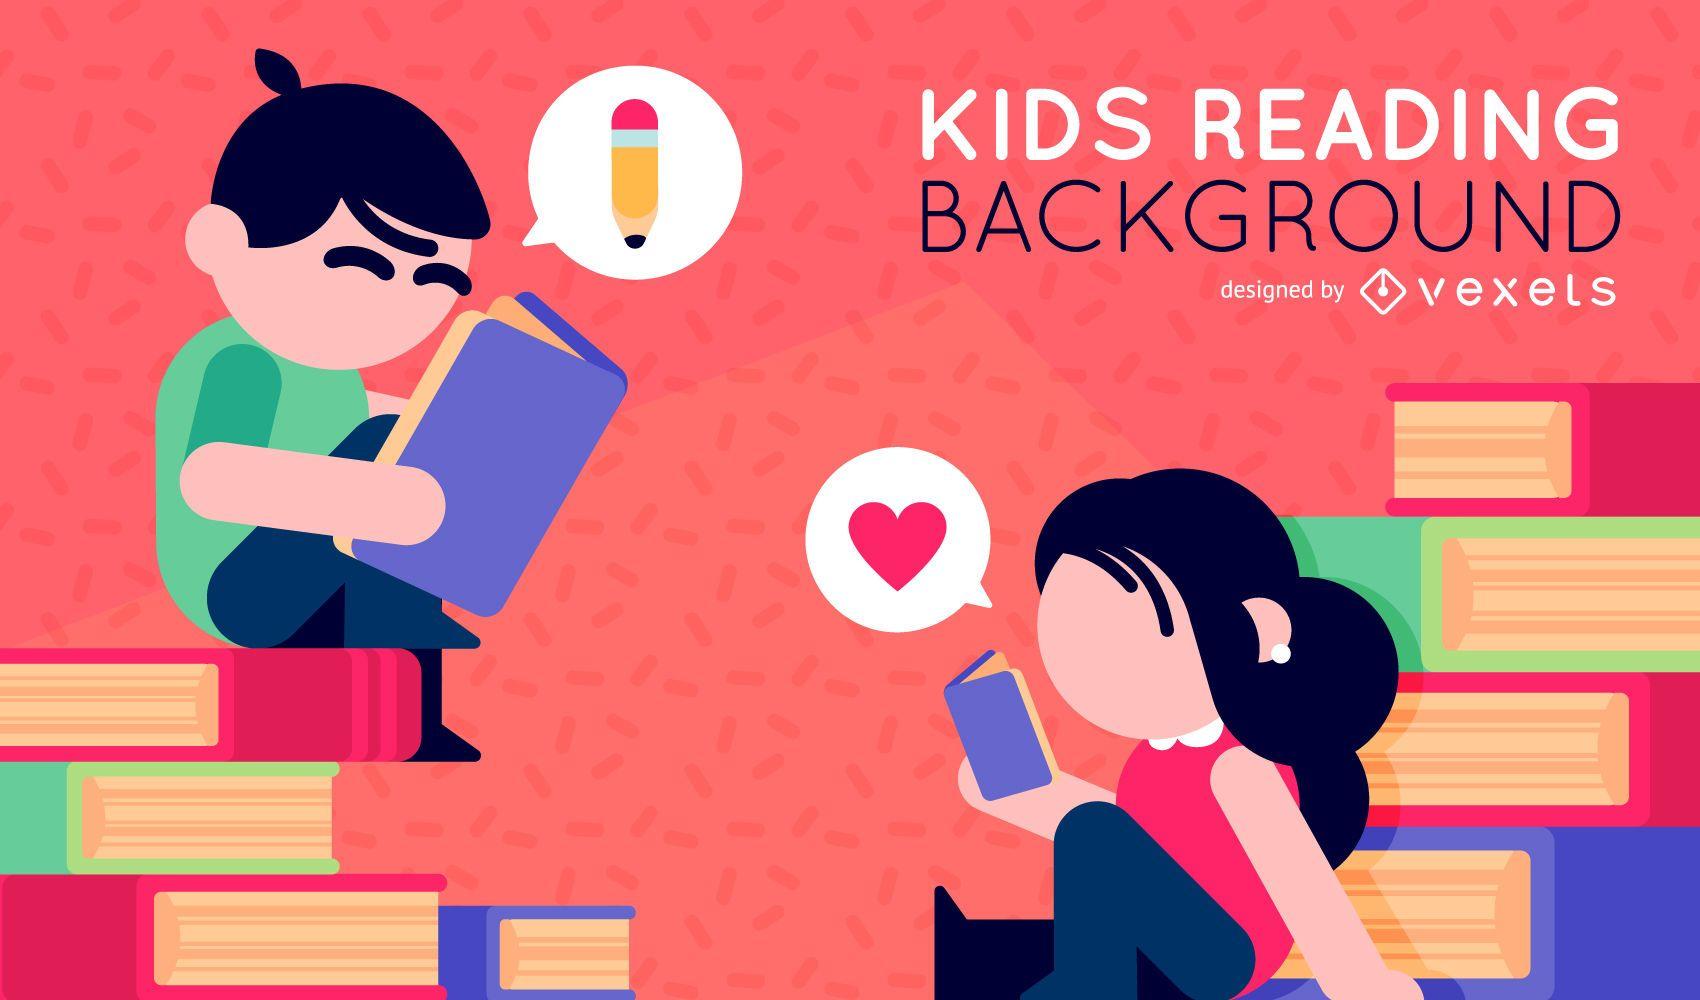 Crianças ilustradas lendo livros